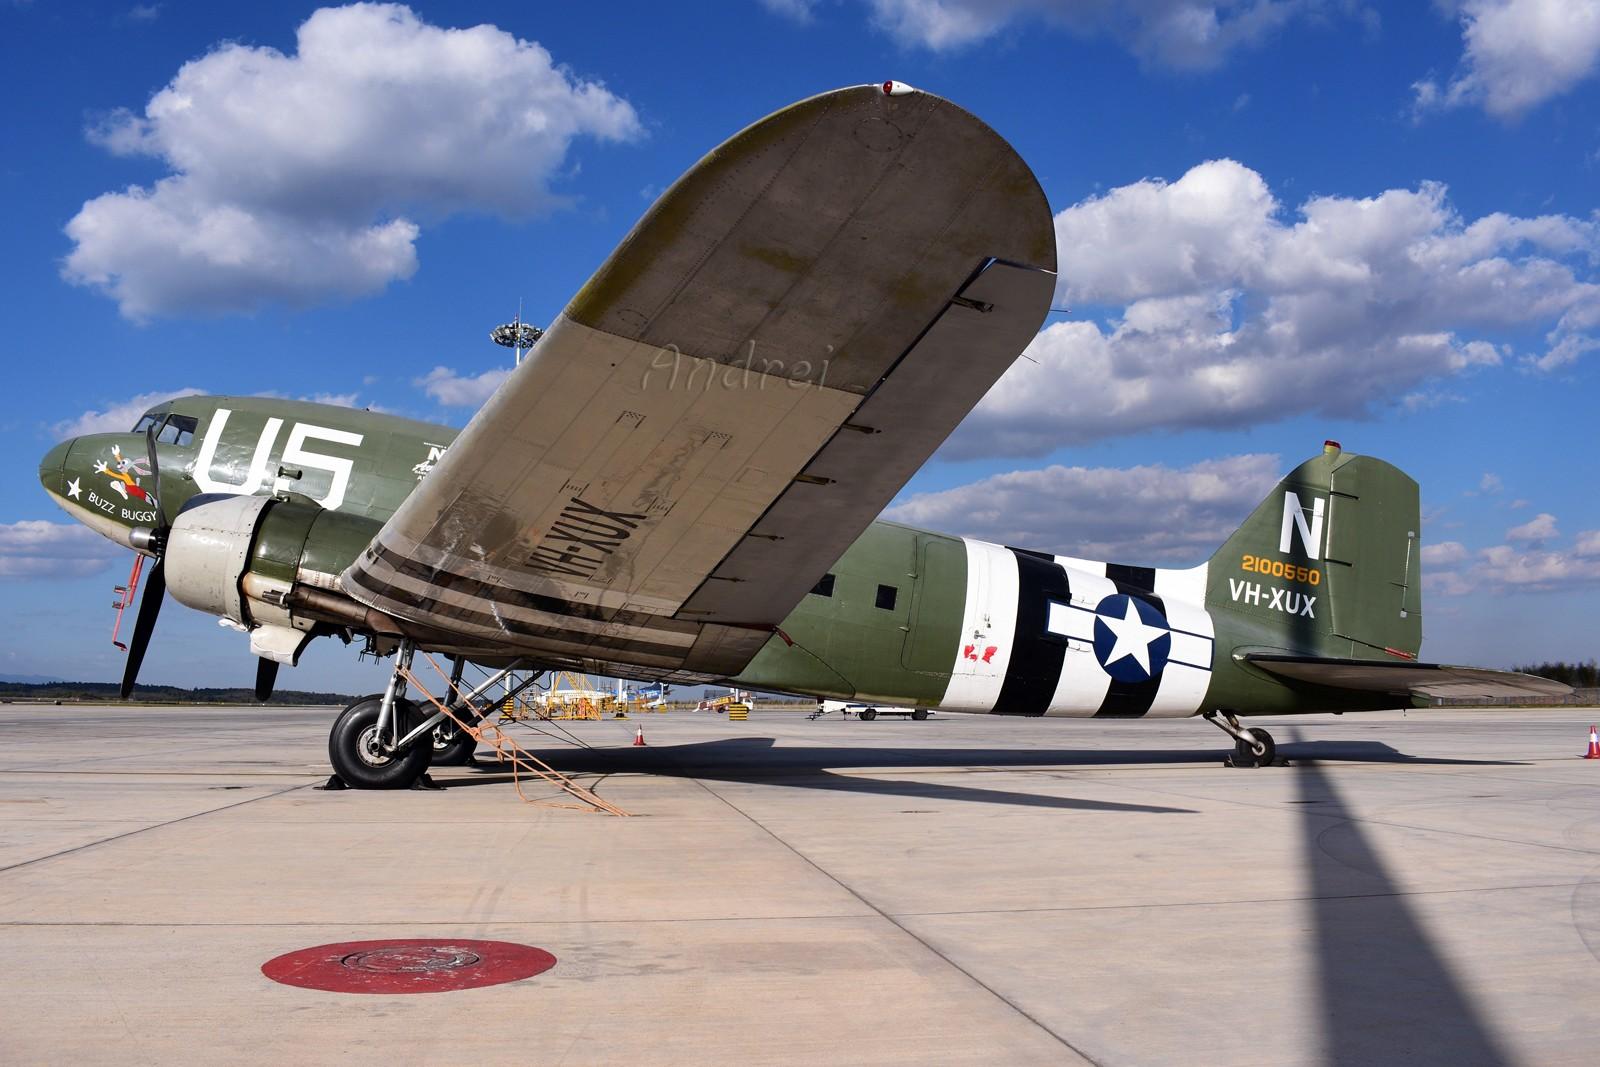 Re:[原创]=====有空就要来几发,不能懈怠===== C-47A VH-XUX 中国昆明长水国际机场